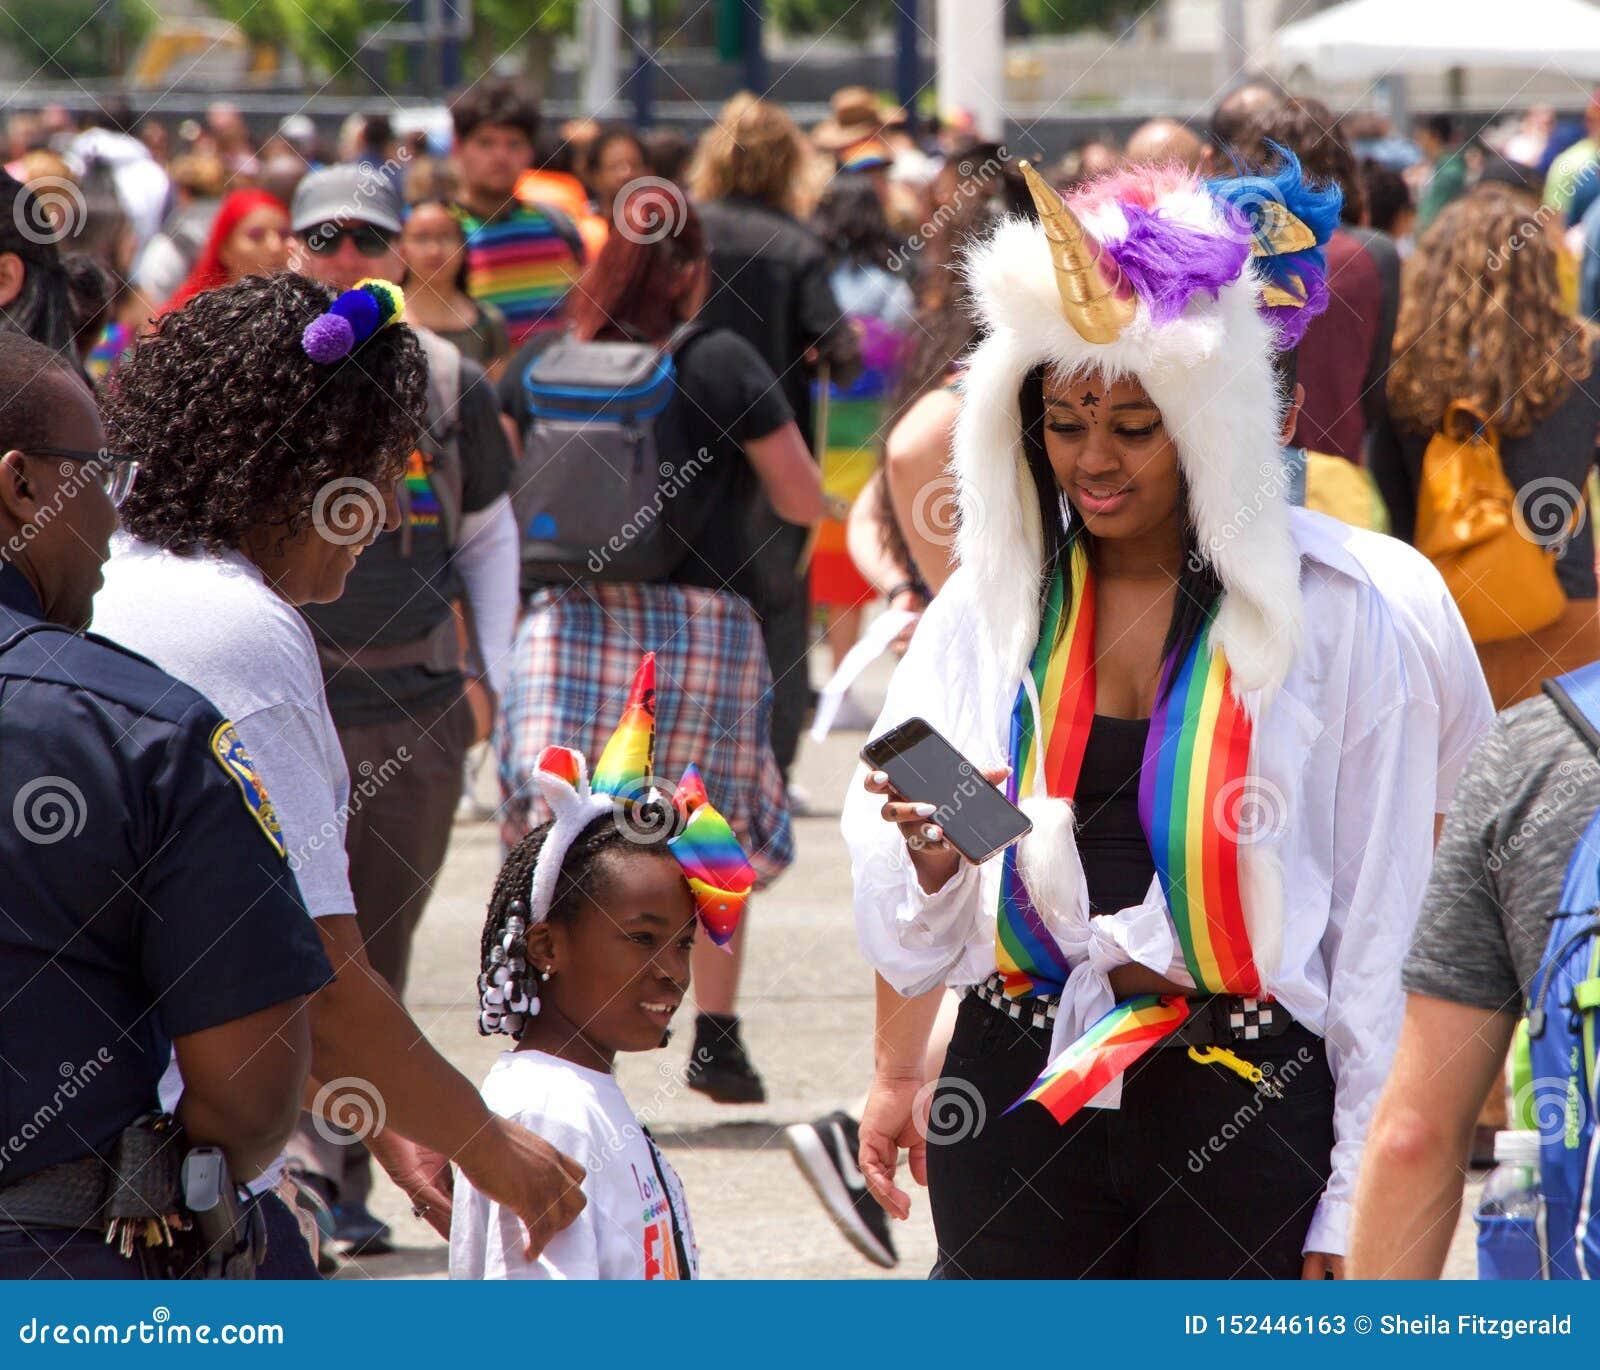 San Francisco Gay Pride Festival Editorial Stock Image